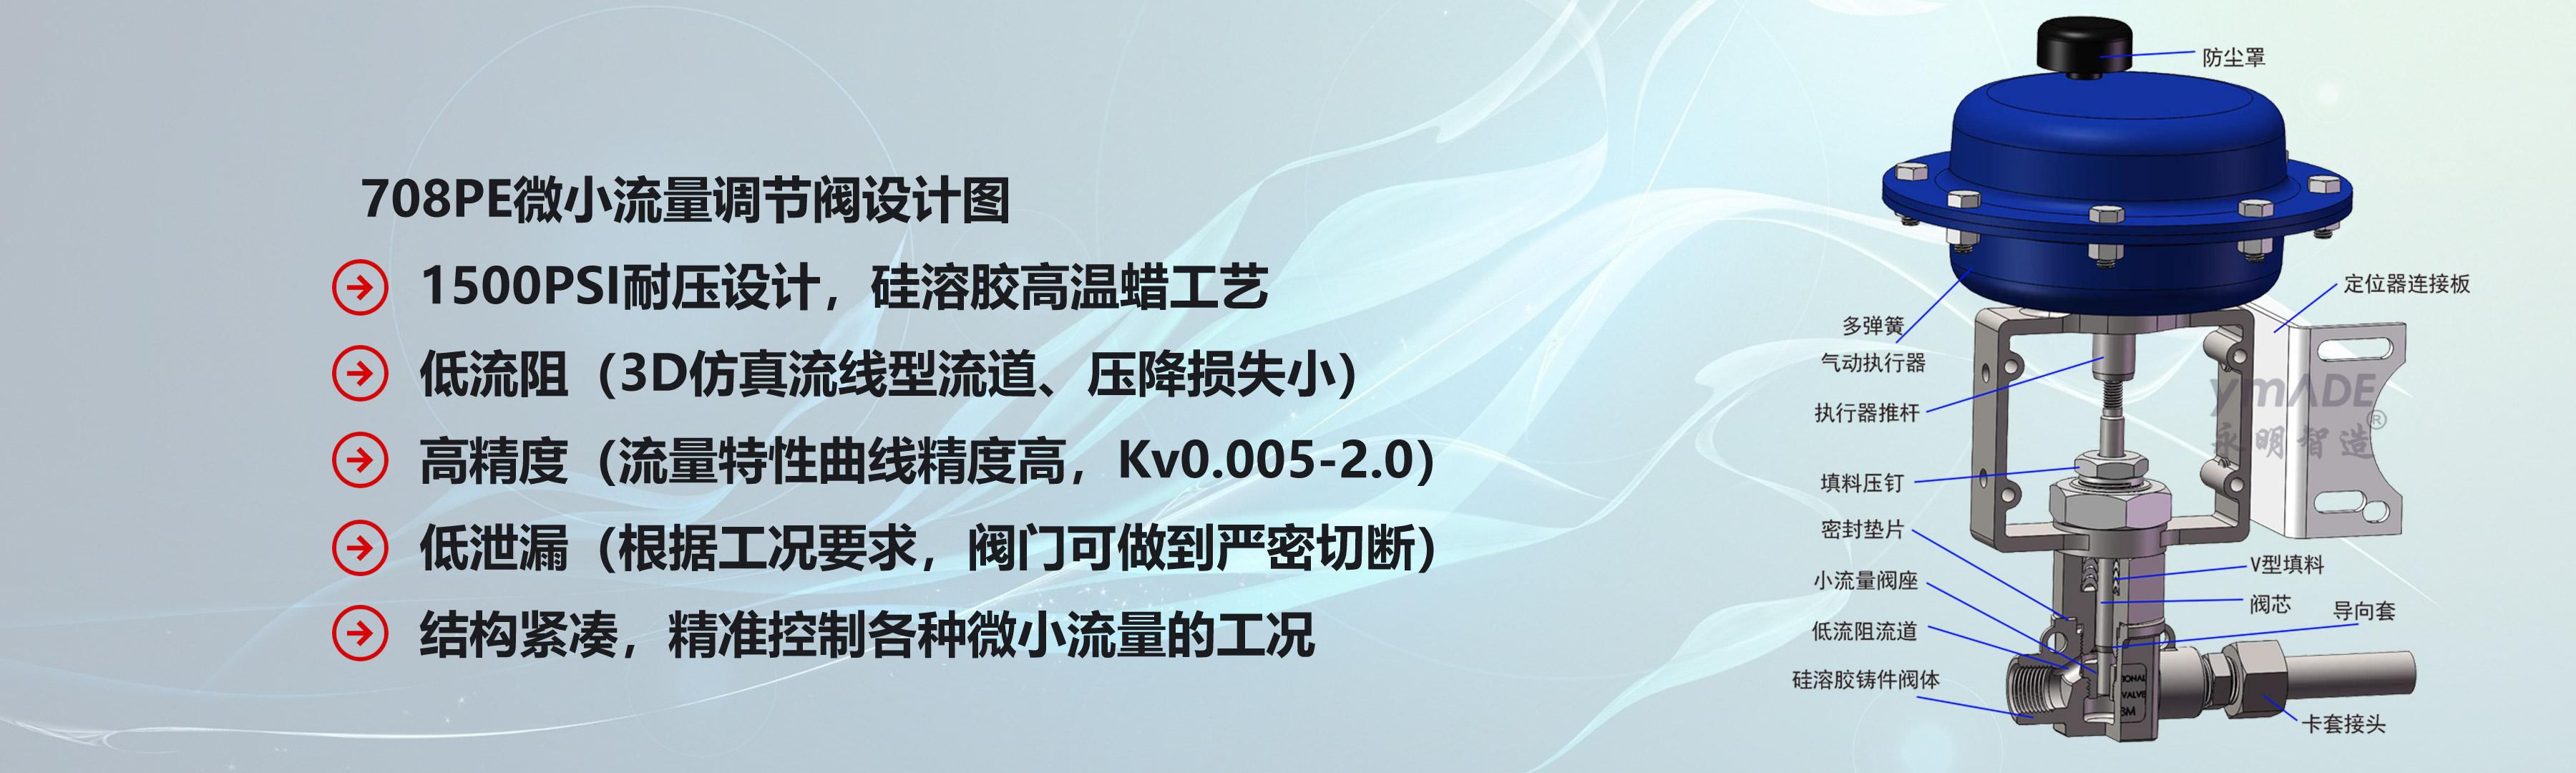 708PE微小流量调节阀设计图及产品特点